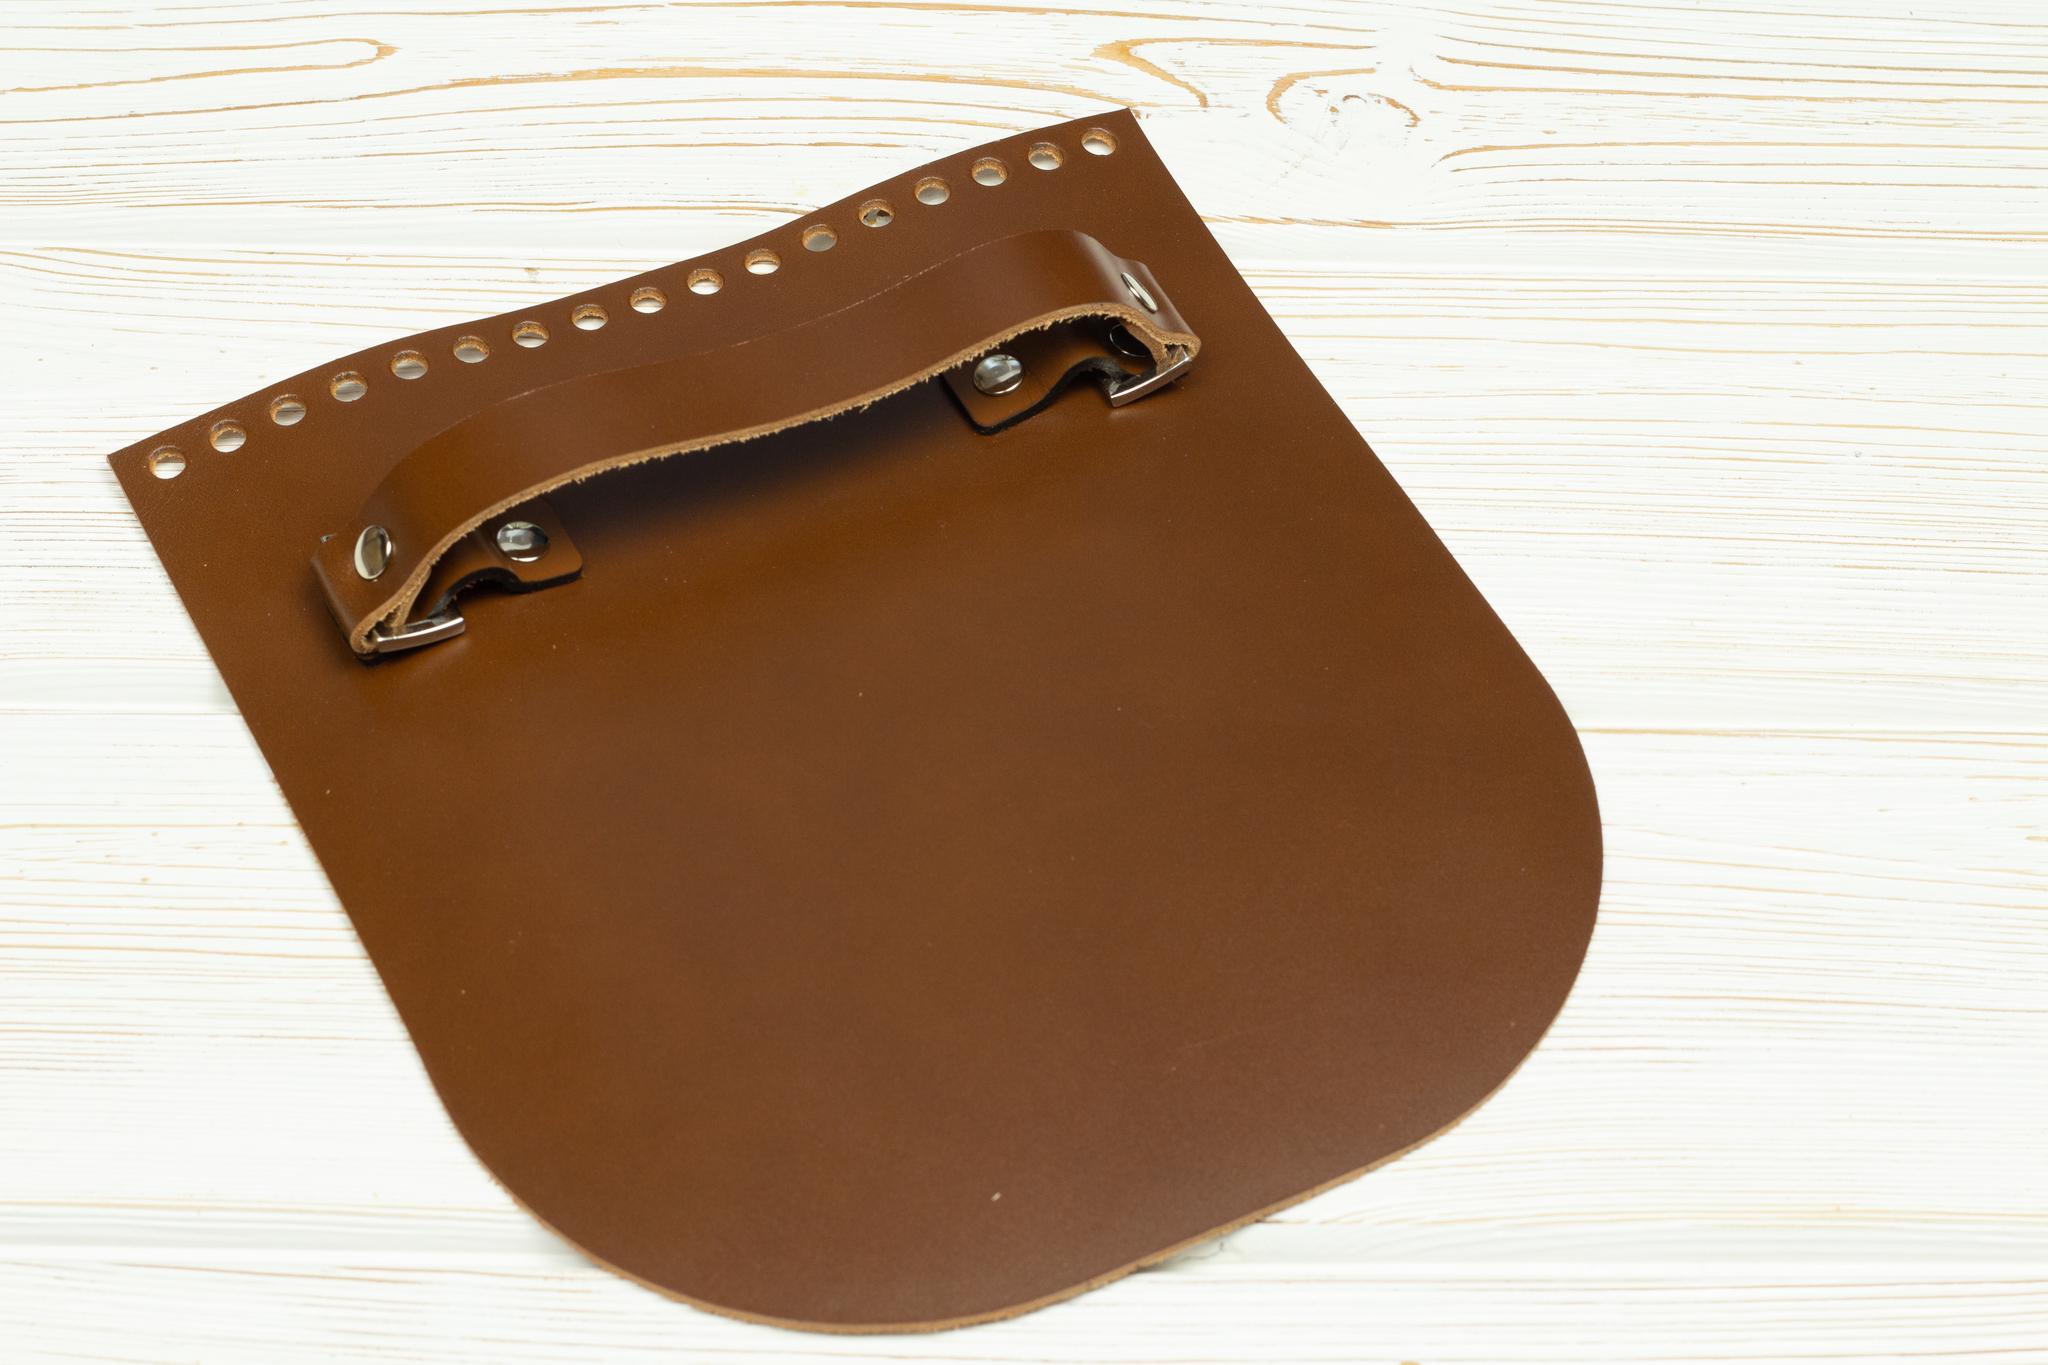 """Вся фурнитура Клапан для сумочки с ручкой кожаный """"Корица"""" IMG_3512.jpg"""